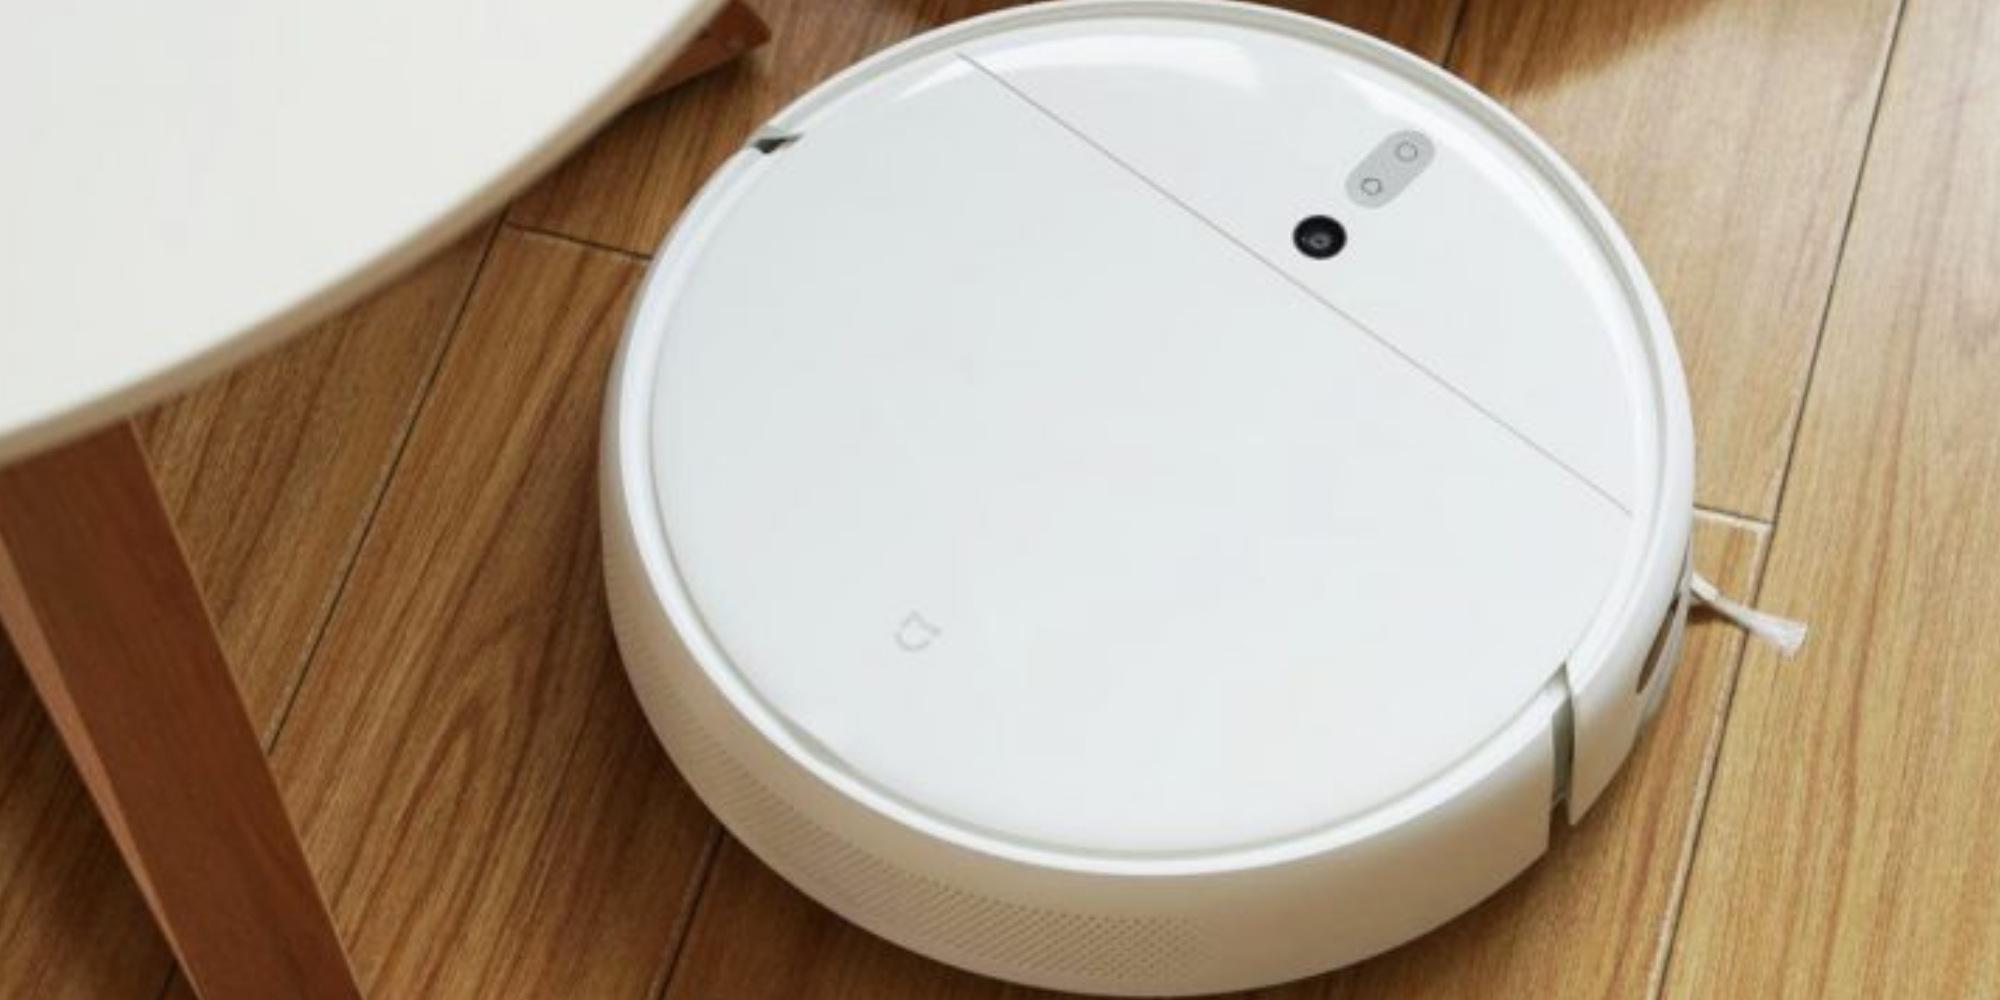 اجهزه منزلية كهربائية - روبوت تنظيف ذكي